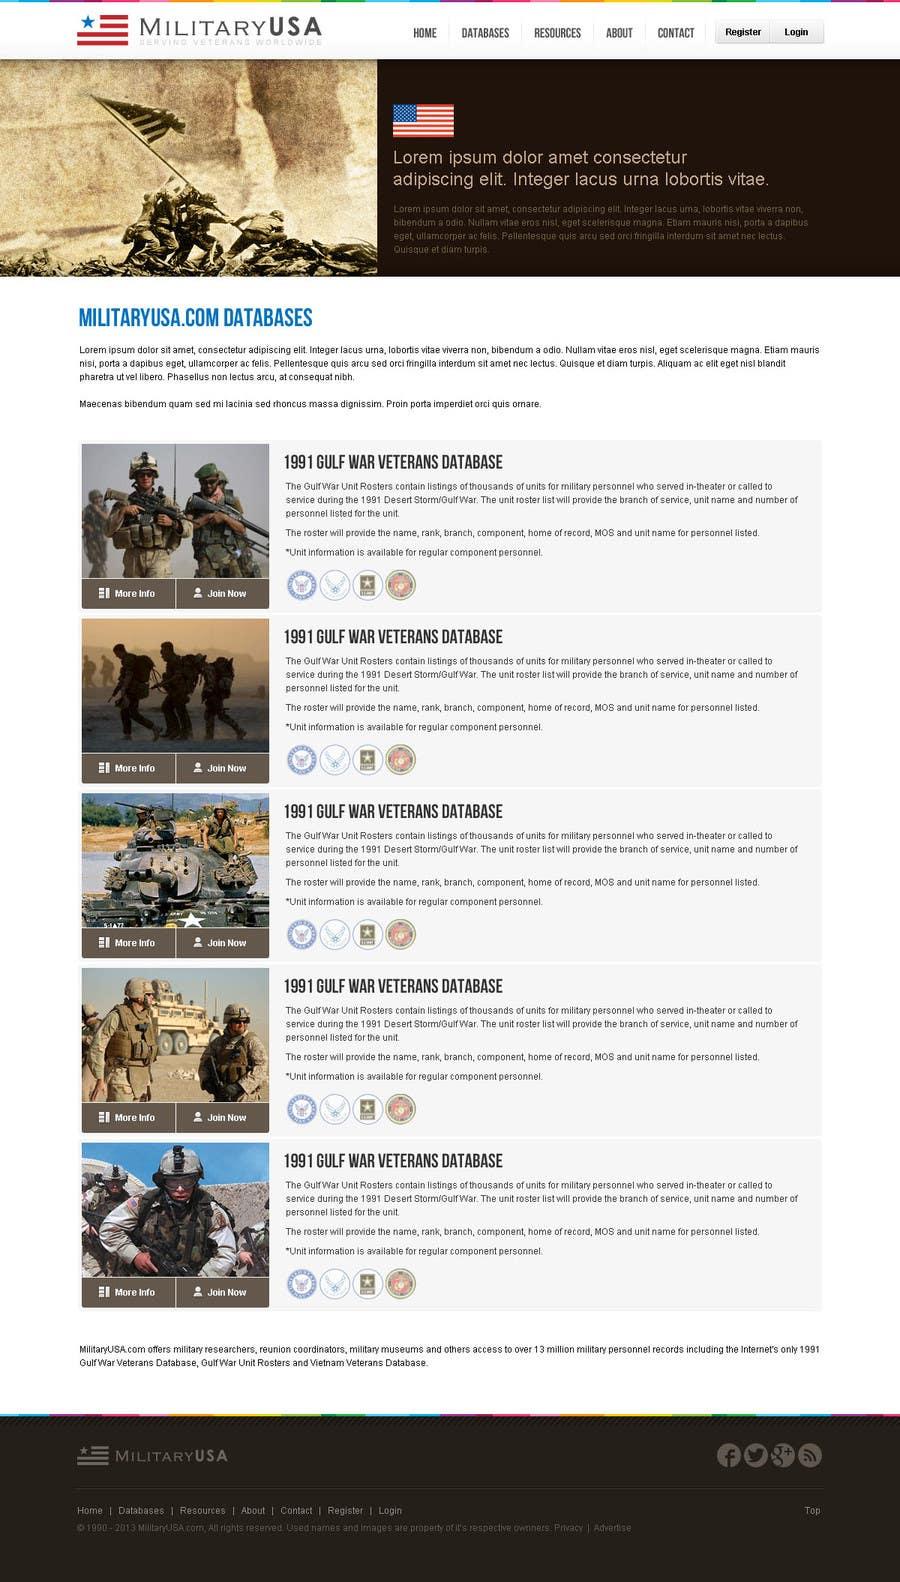 #43 for Website Design for MilitaryUSA.com by creator9